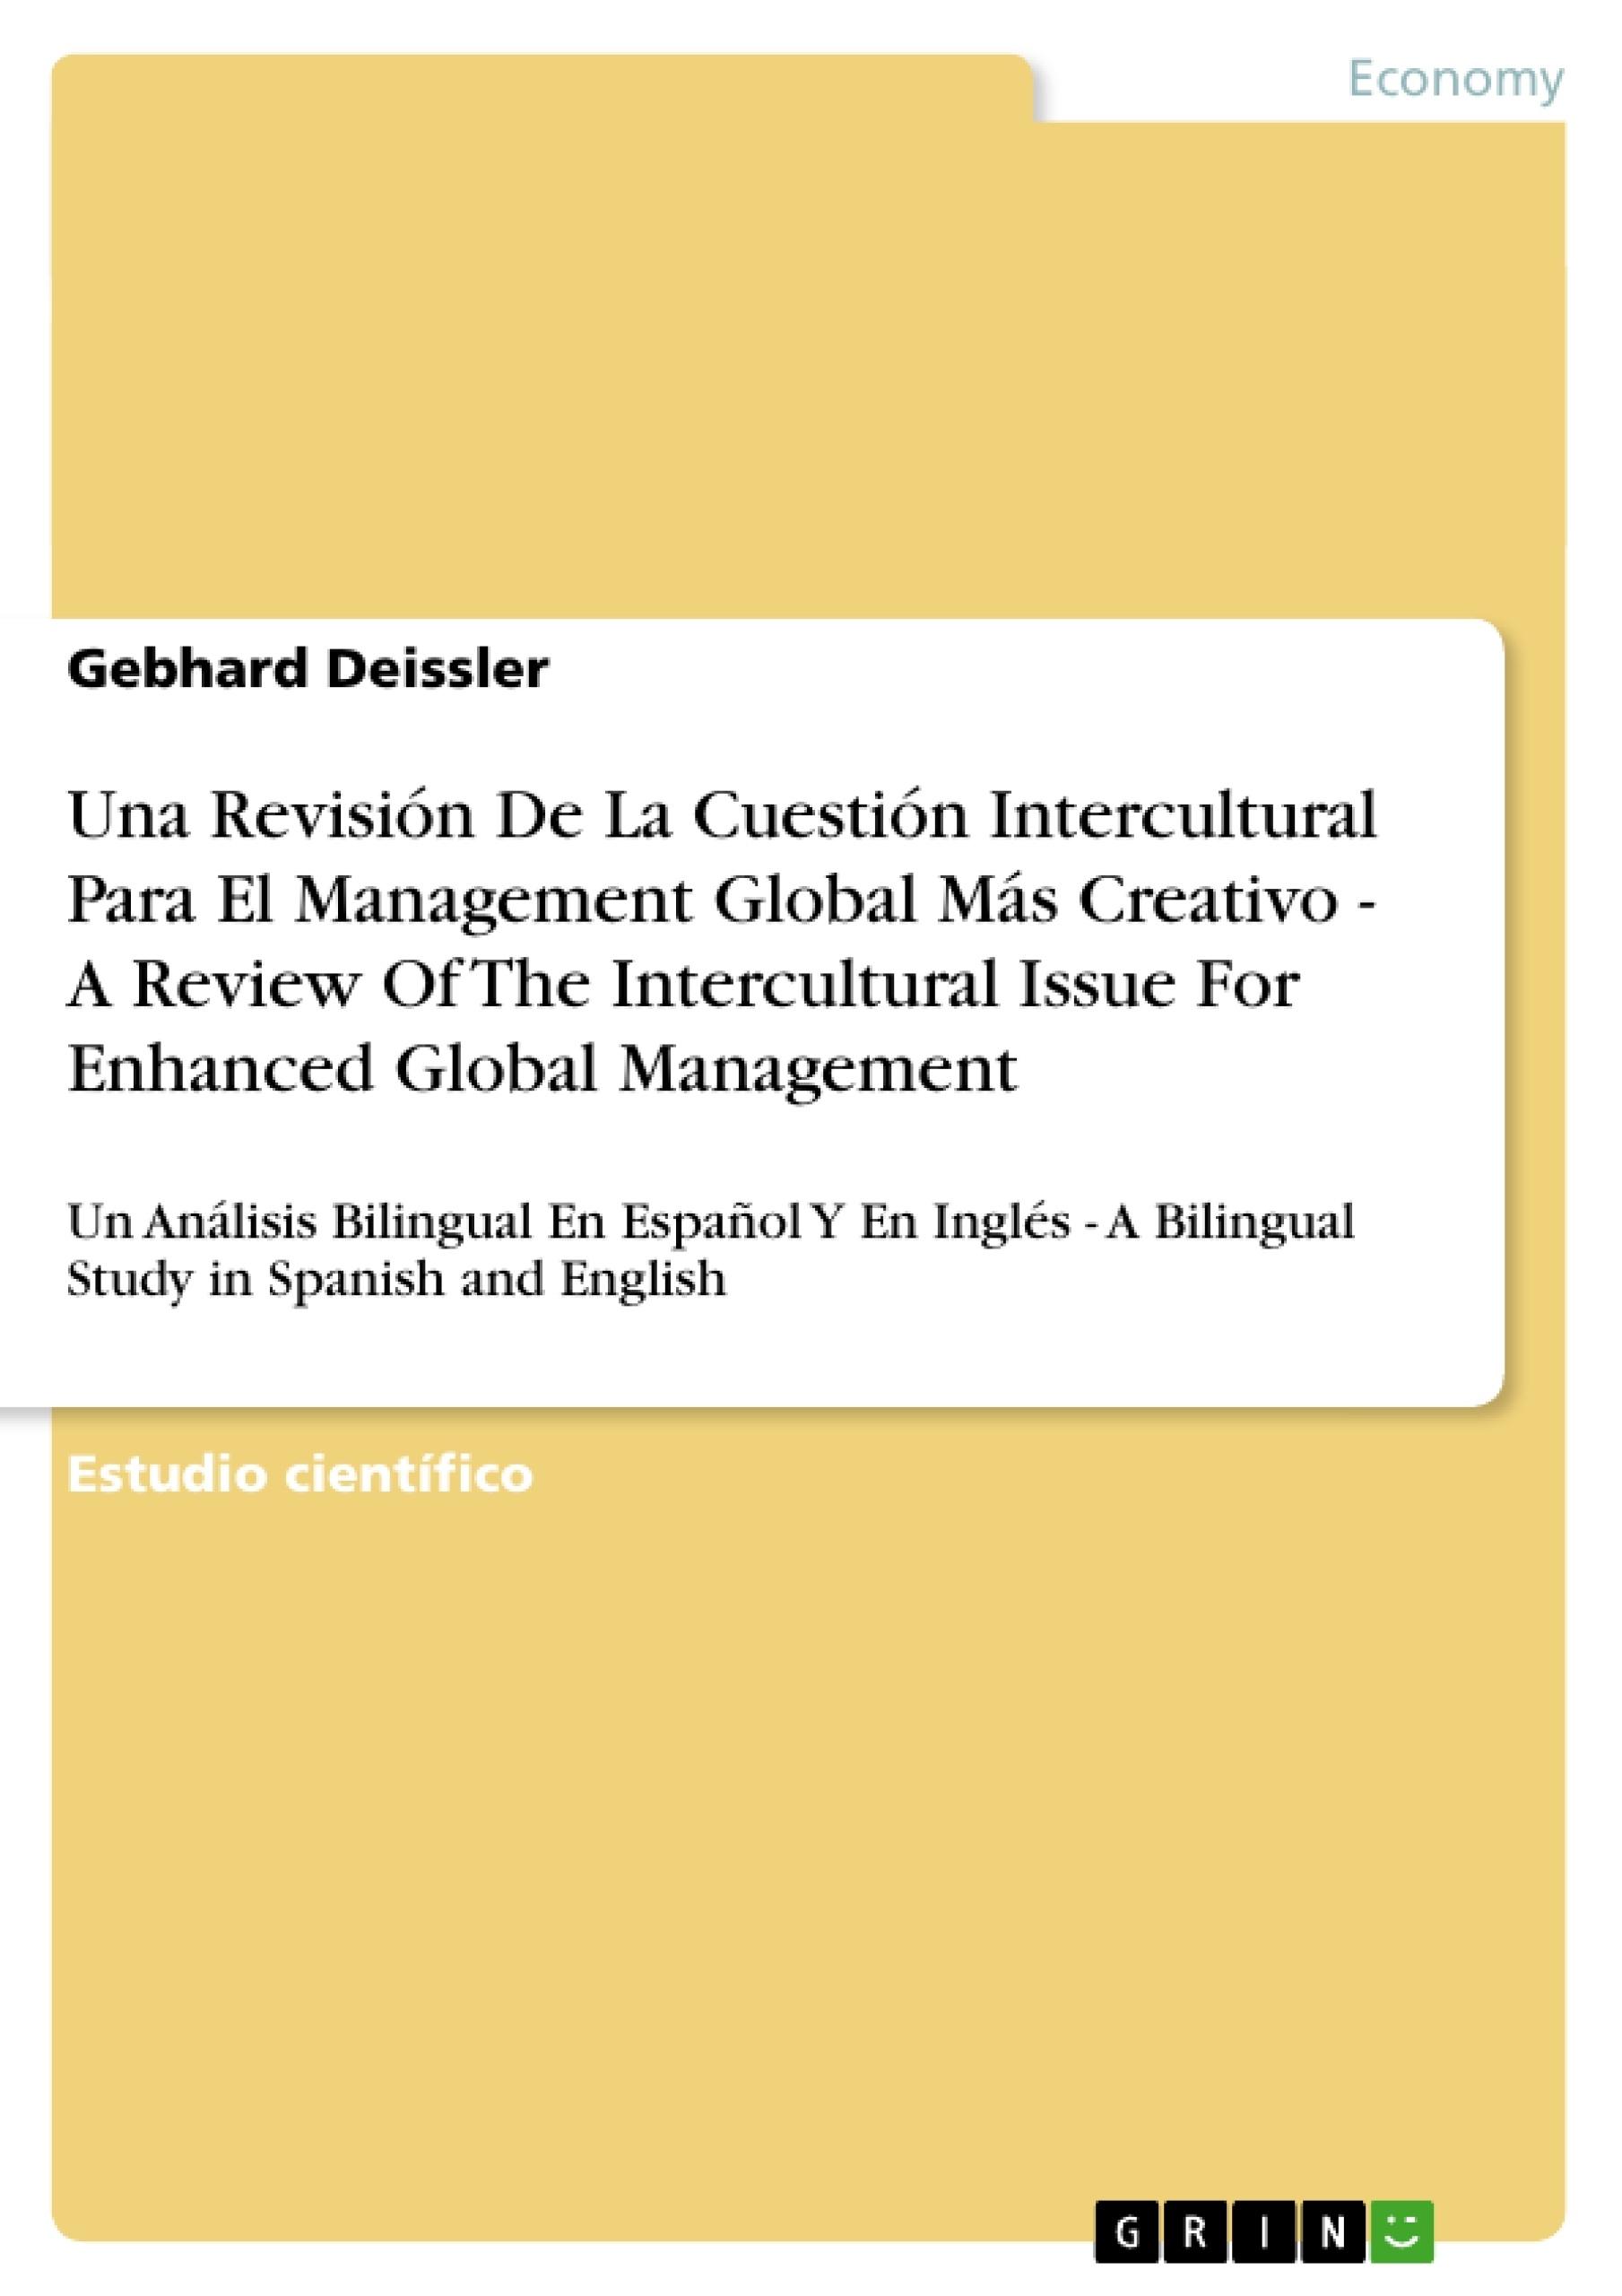 Título: Una Revisión De La Cuestión Intercultural Para El Management Global Más Creativo - A Review Of The Intercultural Issue For Enhanced Global Management